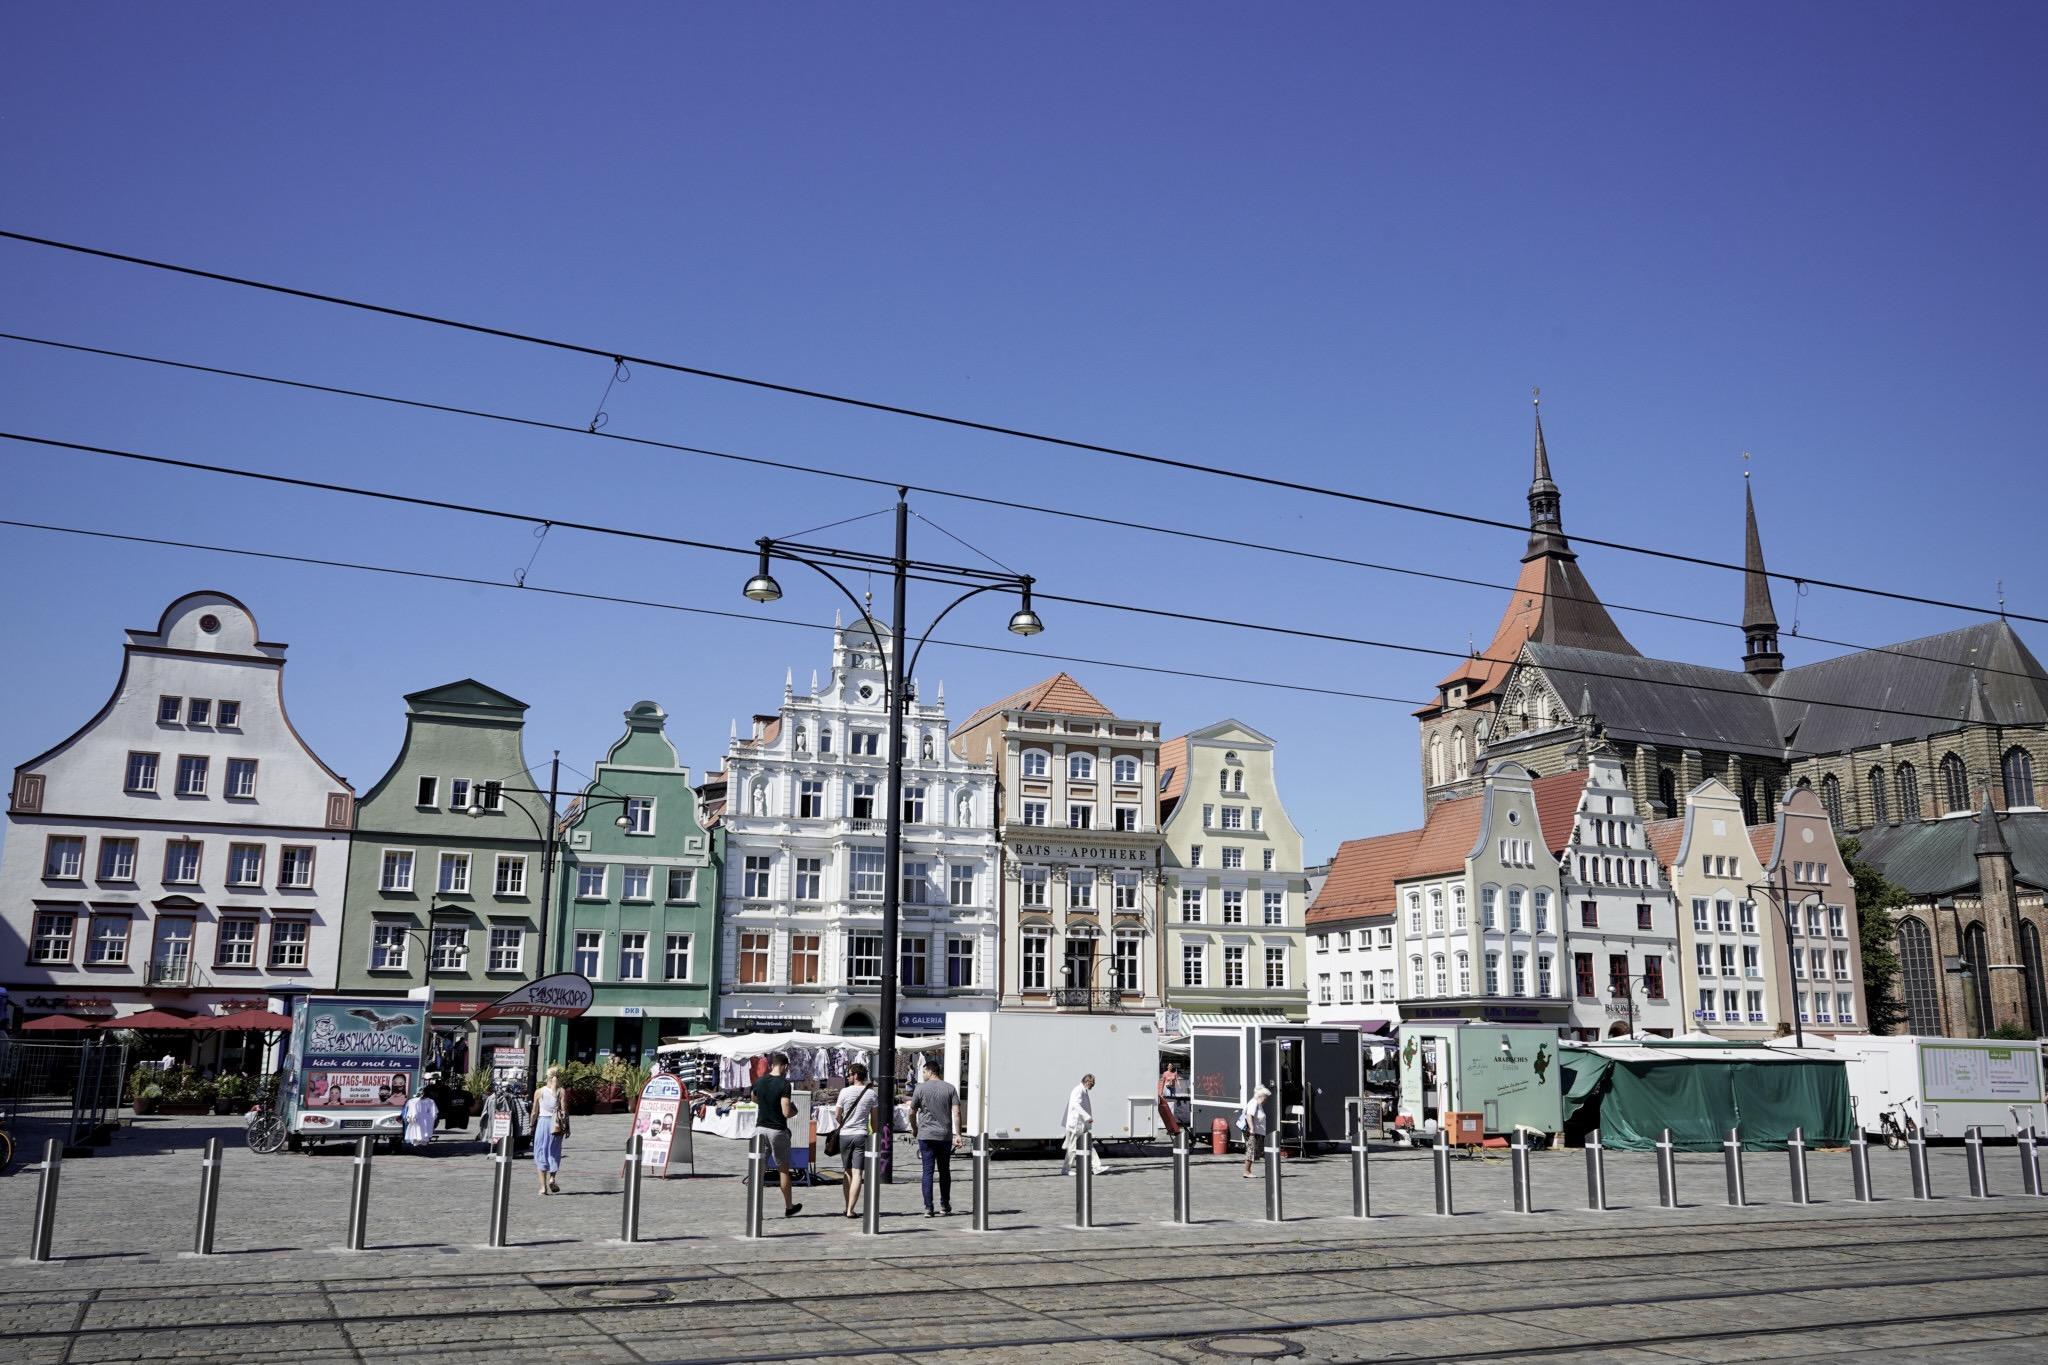 Viele zählen Rostock zu den schönsten Städten in Deutschland